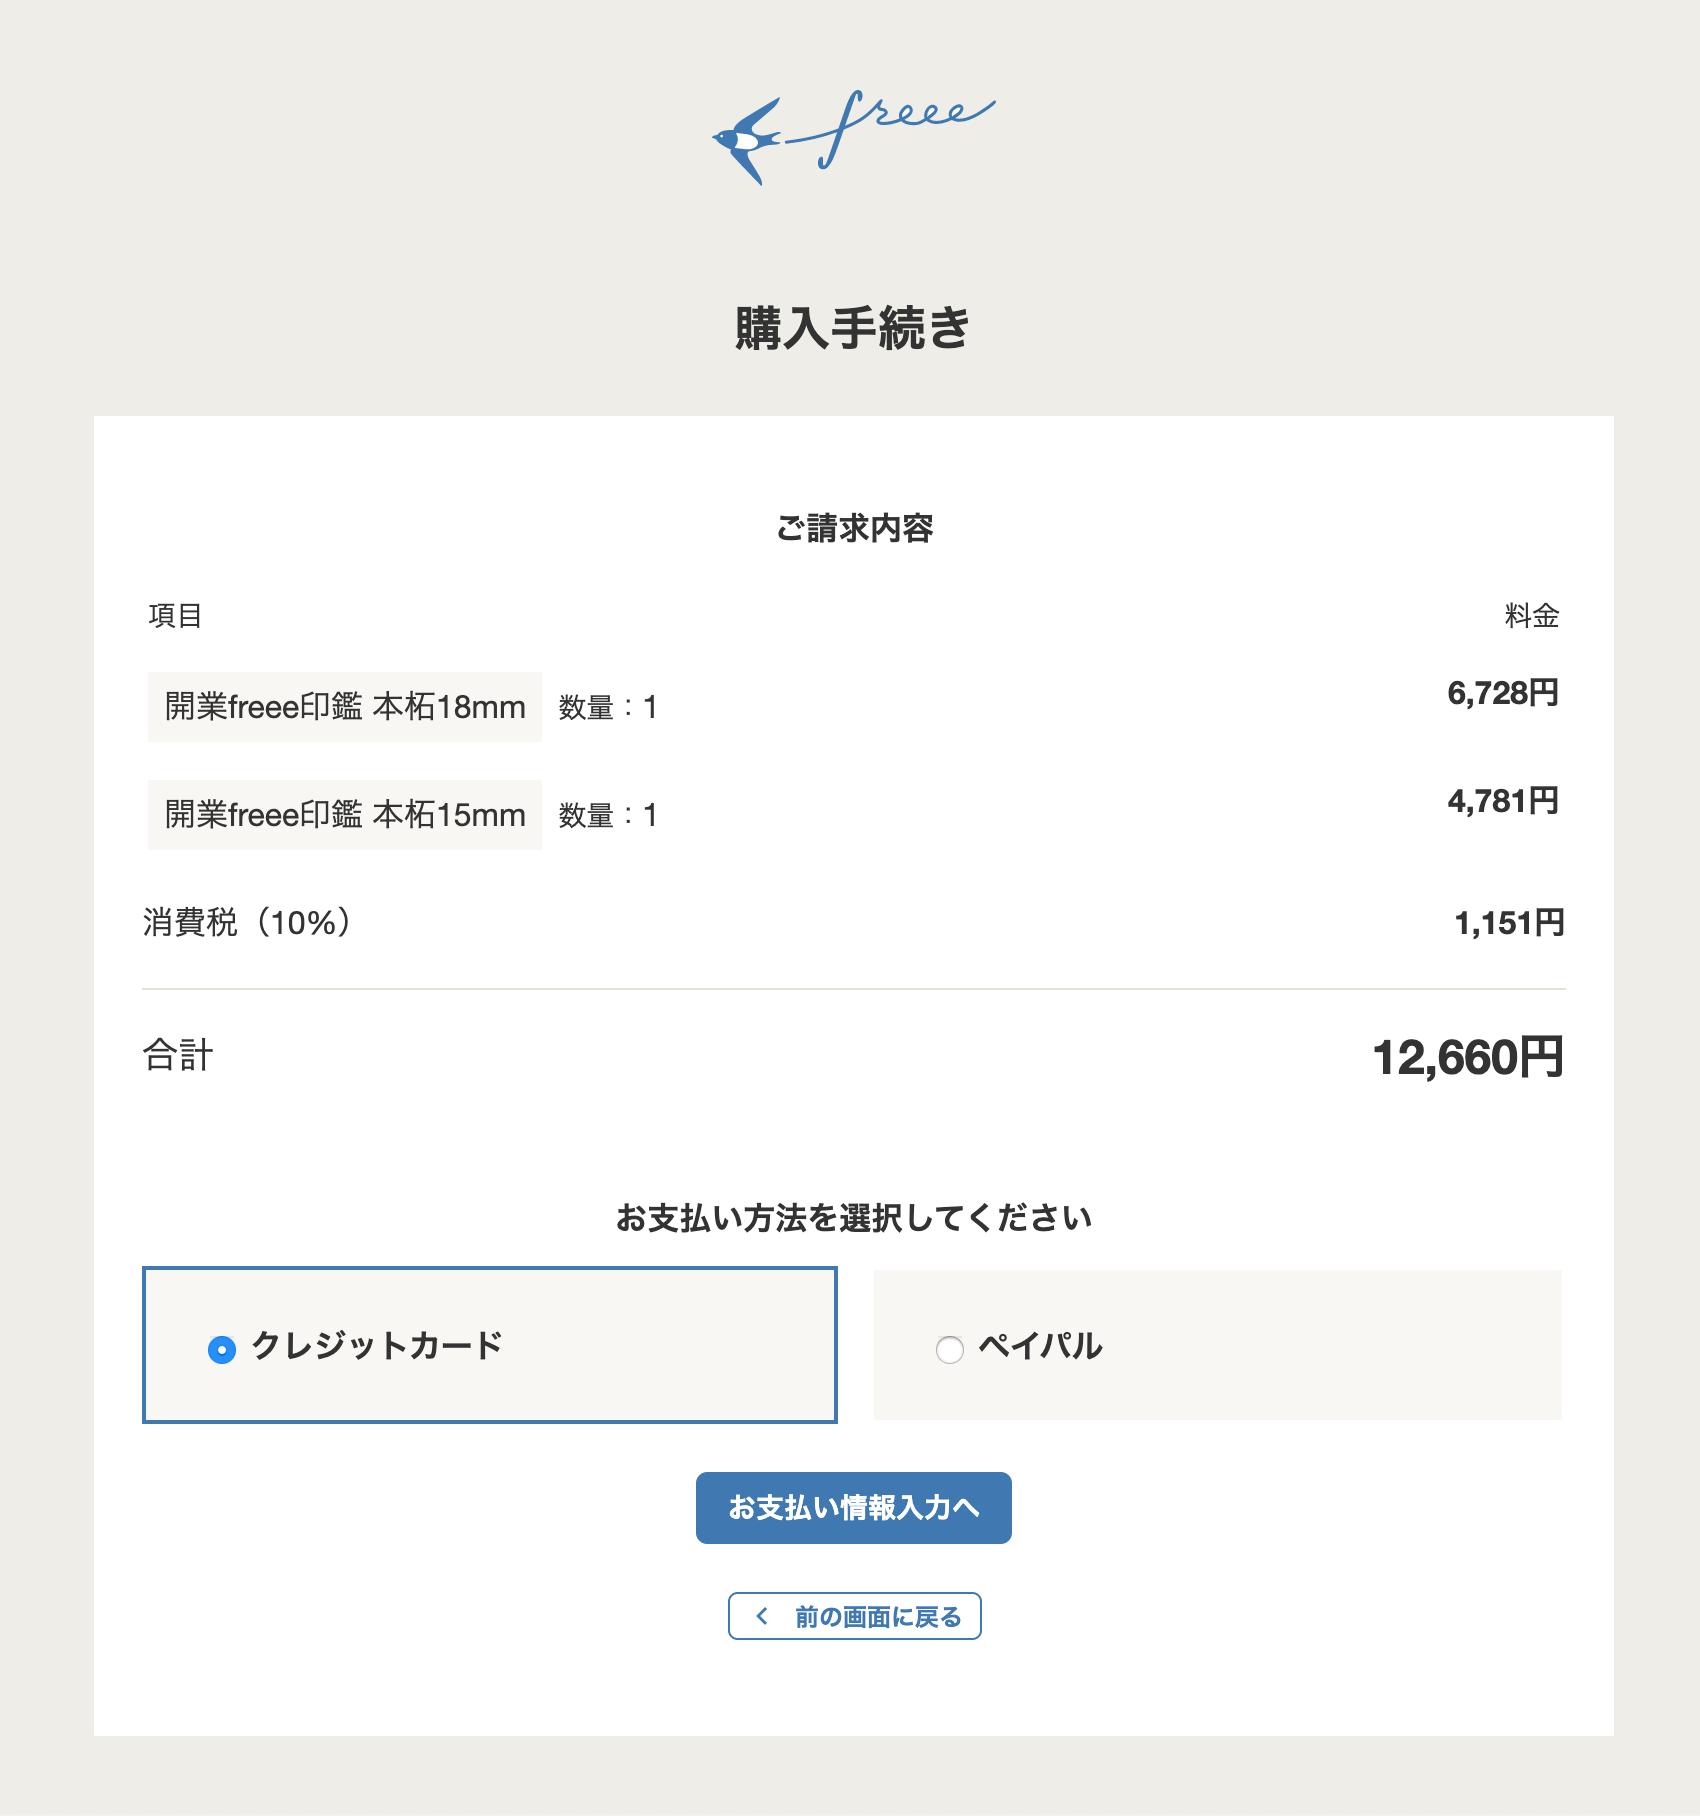 購入手続き画面のスクリーンショット